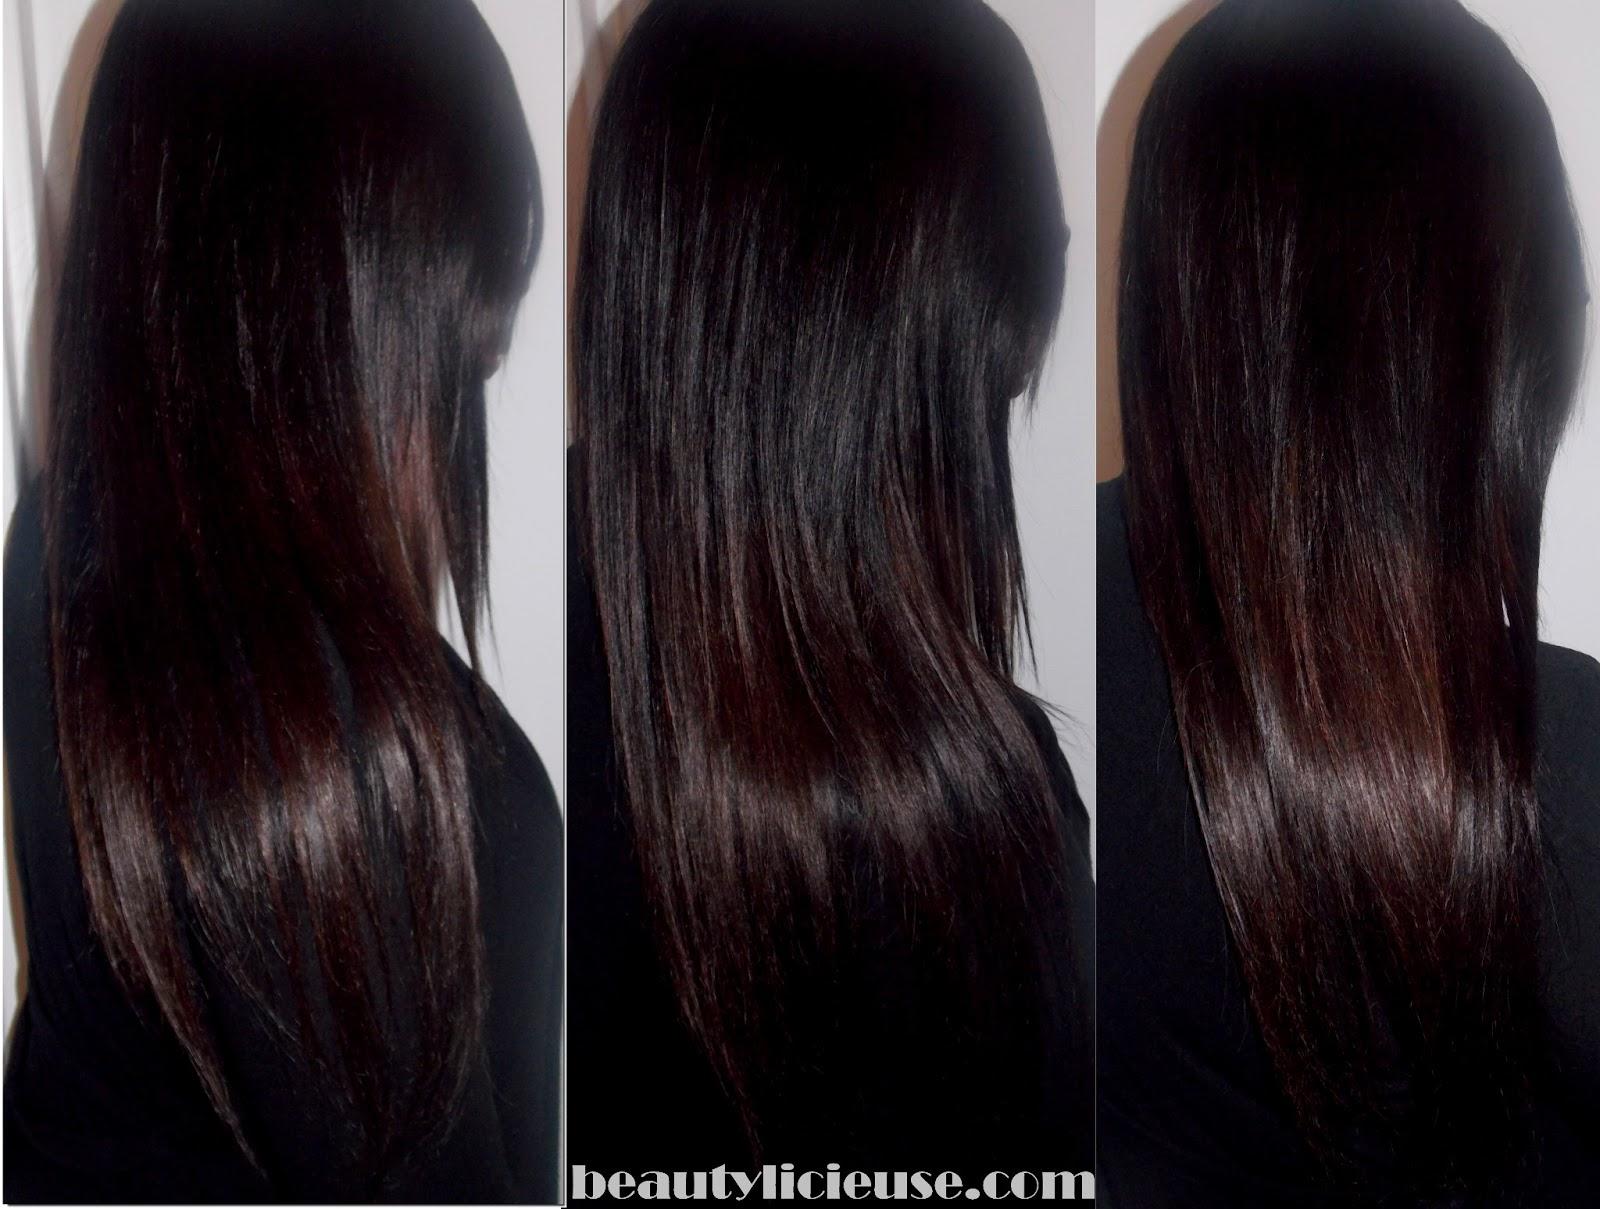 Couleur cheveux noir reflet cerise